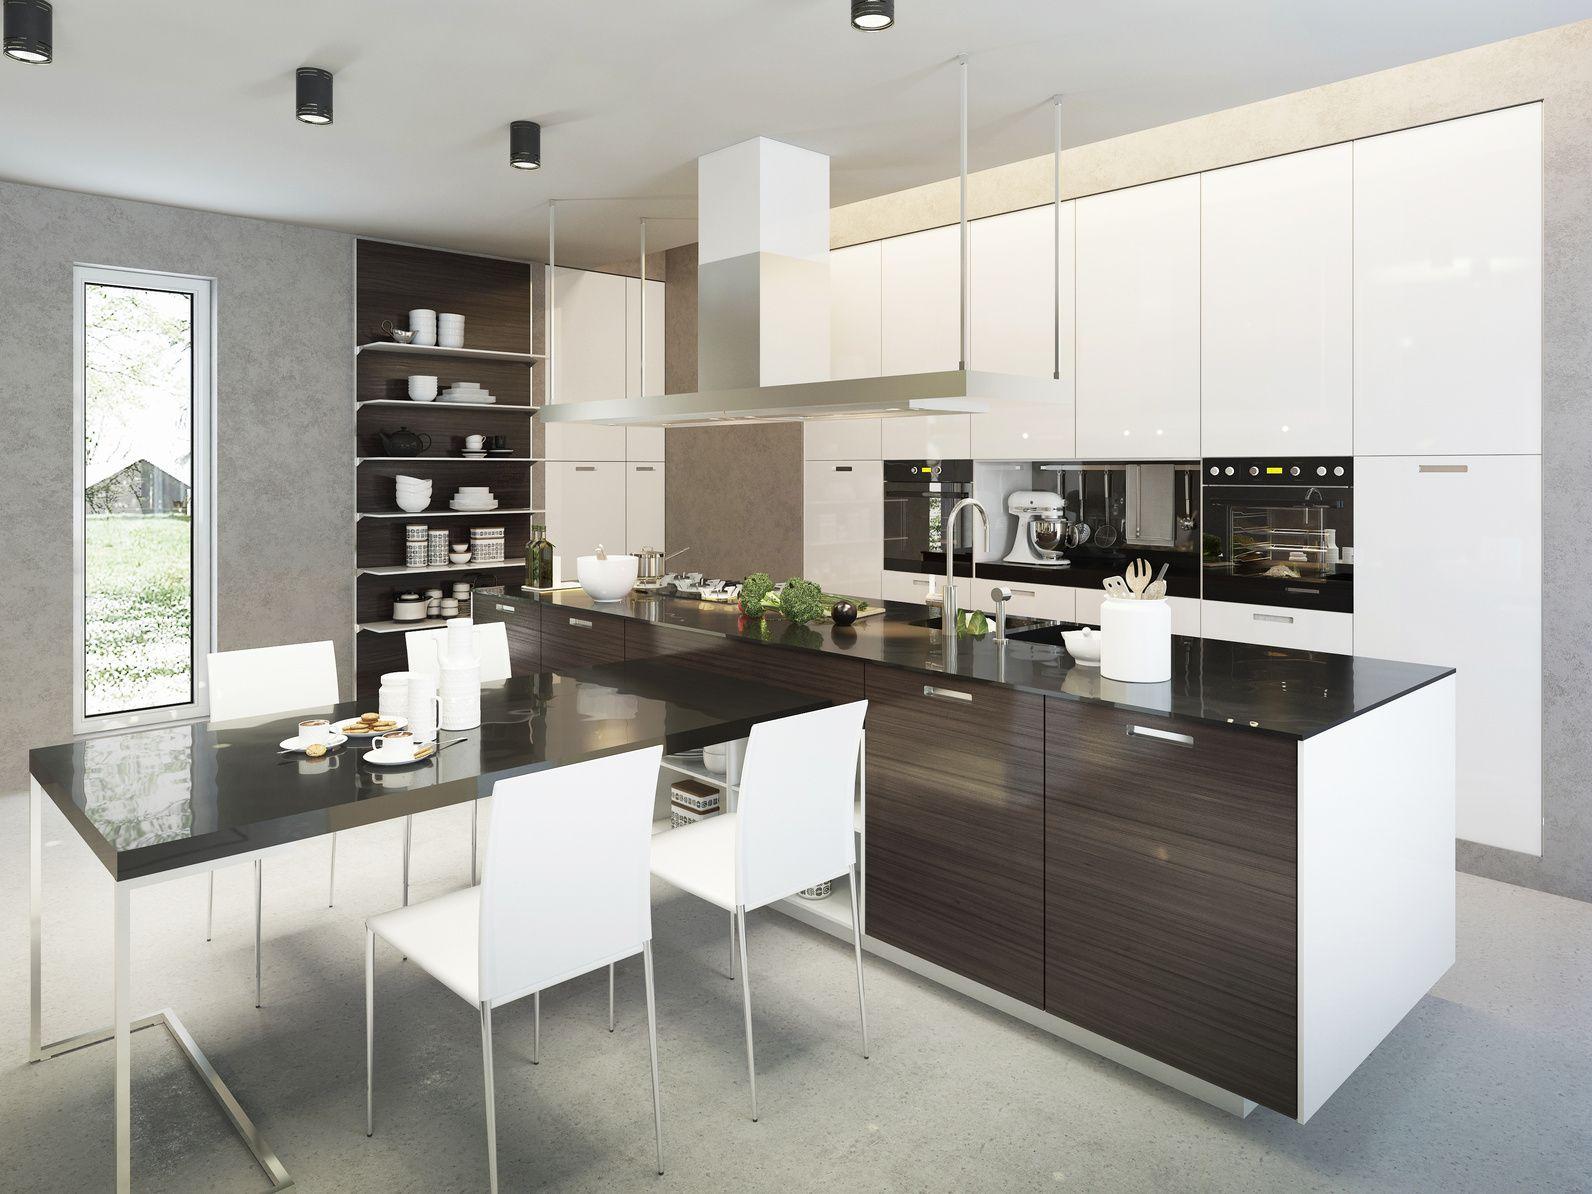 küchengalerie  küchenschrank umgestalten küchendesign